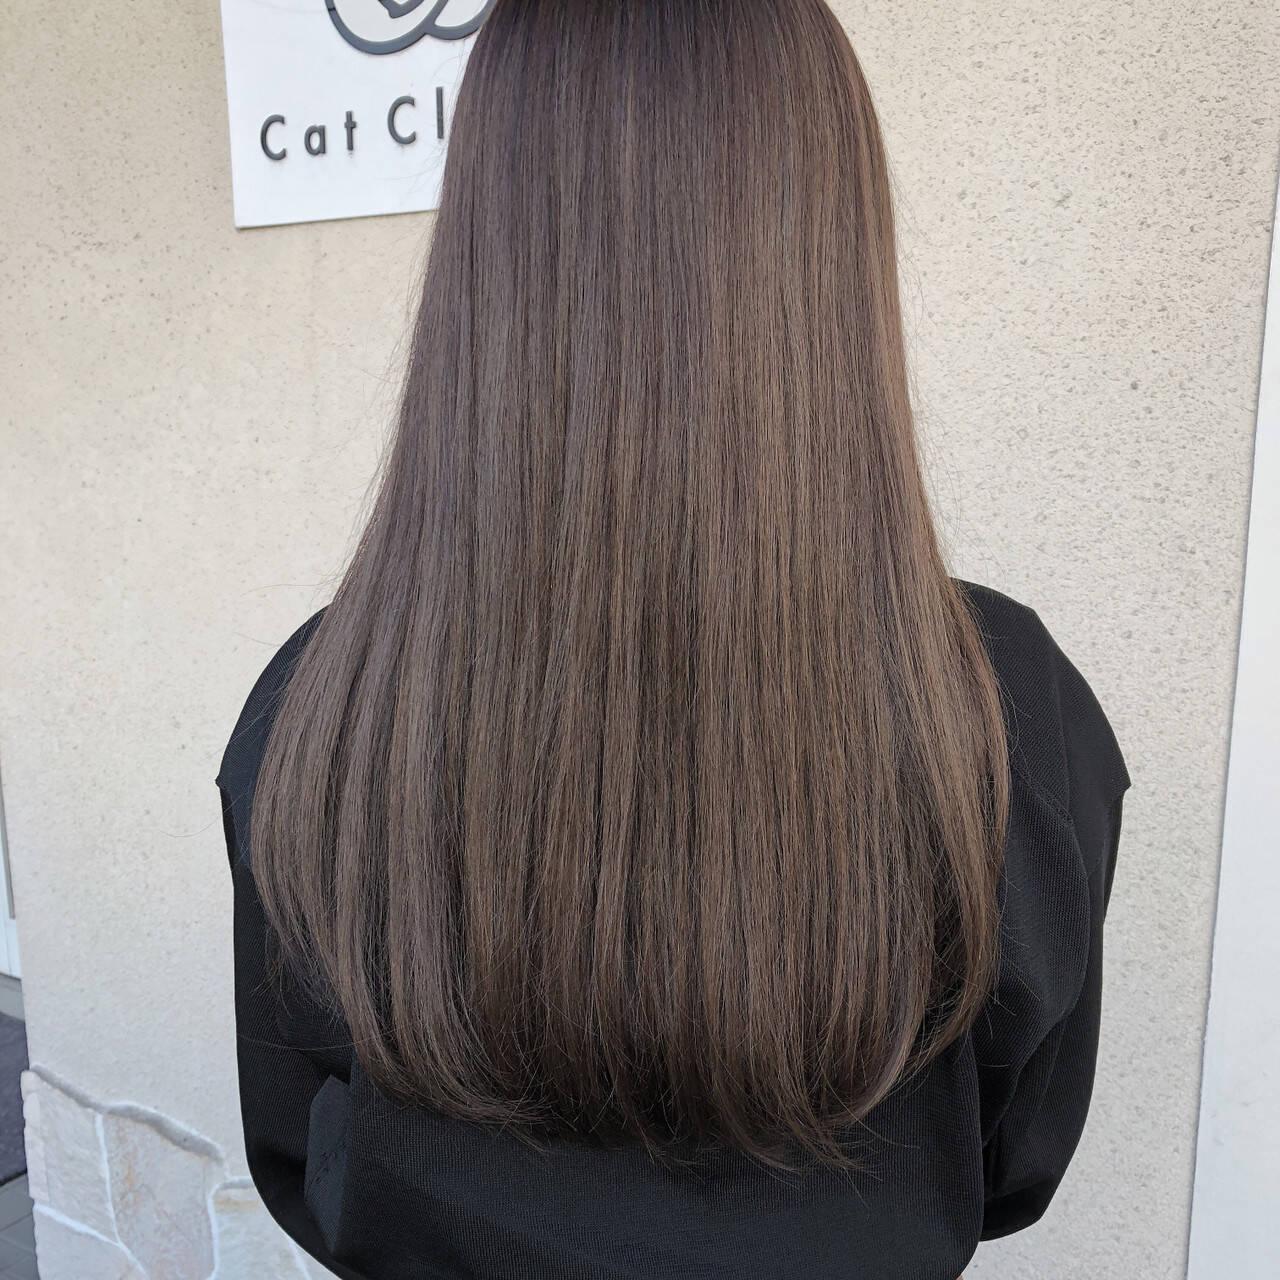 オフィス ハイライト グレージュ ロングヘアスタイルや髪型の写真・画像